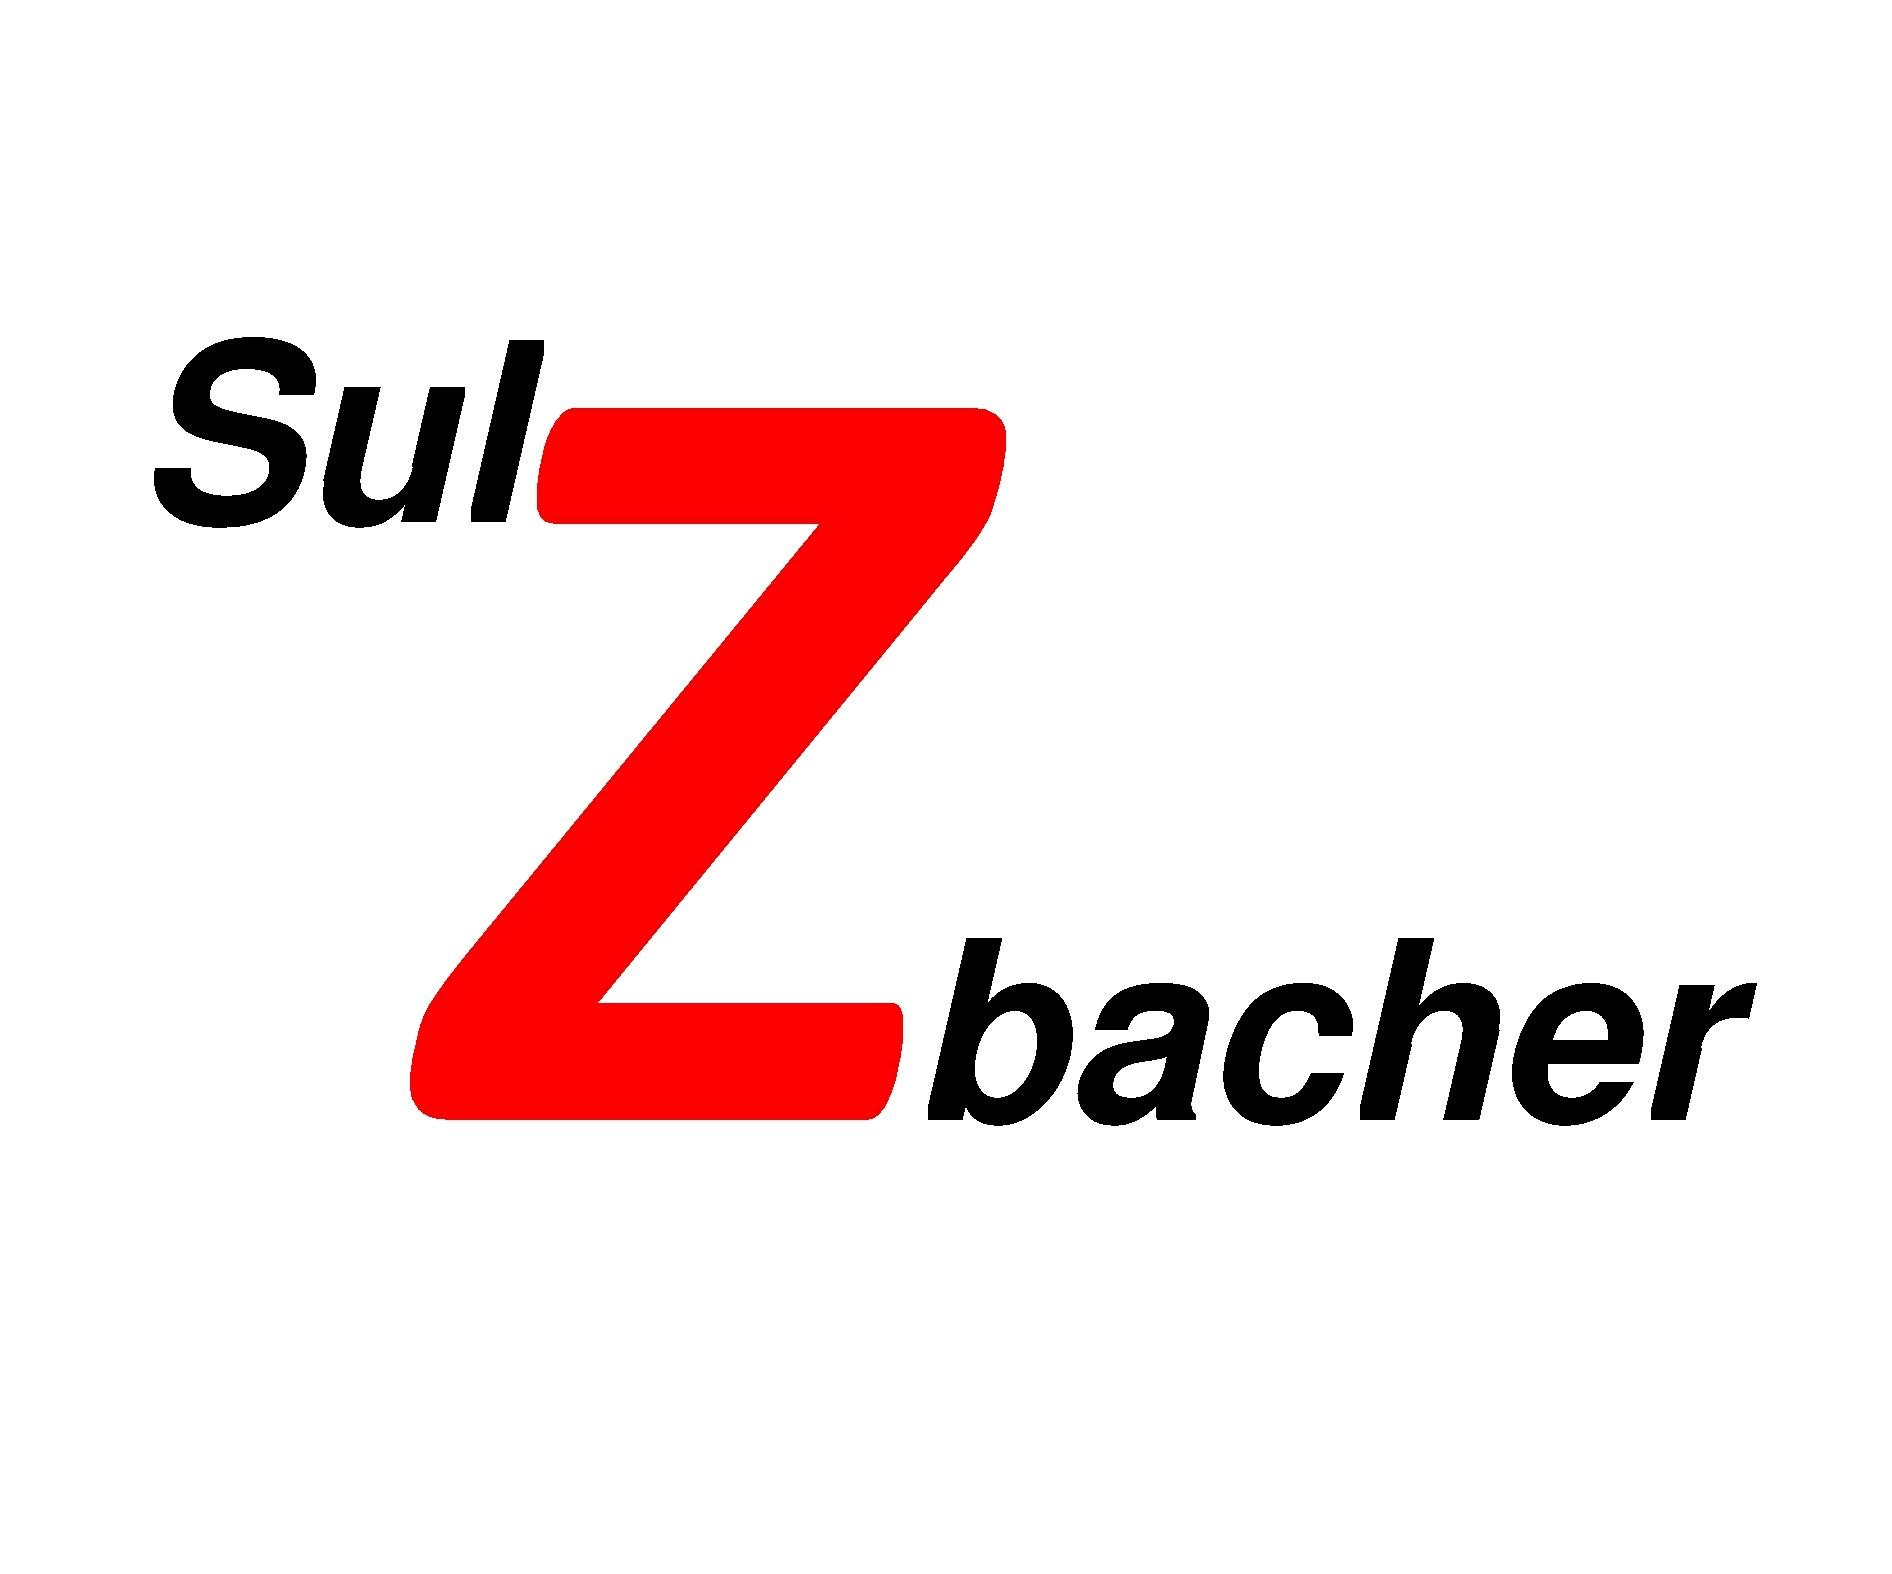 neue wohnwagen und reisemobile hymer sulzbacher. Black Bedroom Furniture Sets. Home Design Ideas